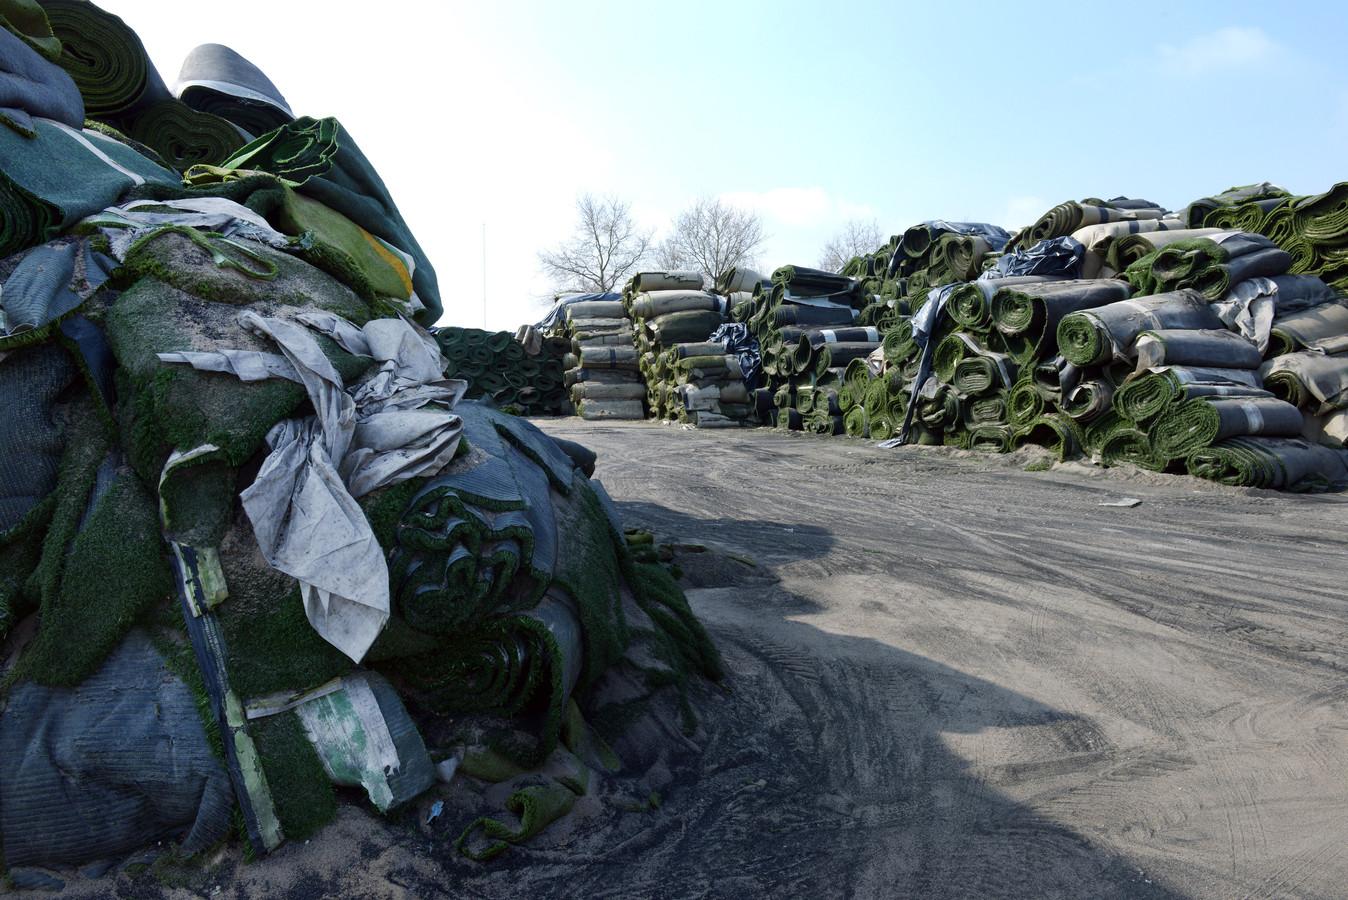 Op het bedrijfsterrein van Tuf Recycling aan de Vierbundersweg in Dongen liggen de kunstgasmatrollen hoger opgestapeld dan volgens de vergunning is geoorloofd.